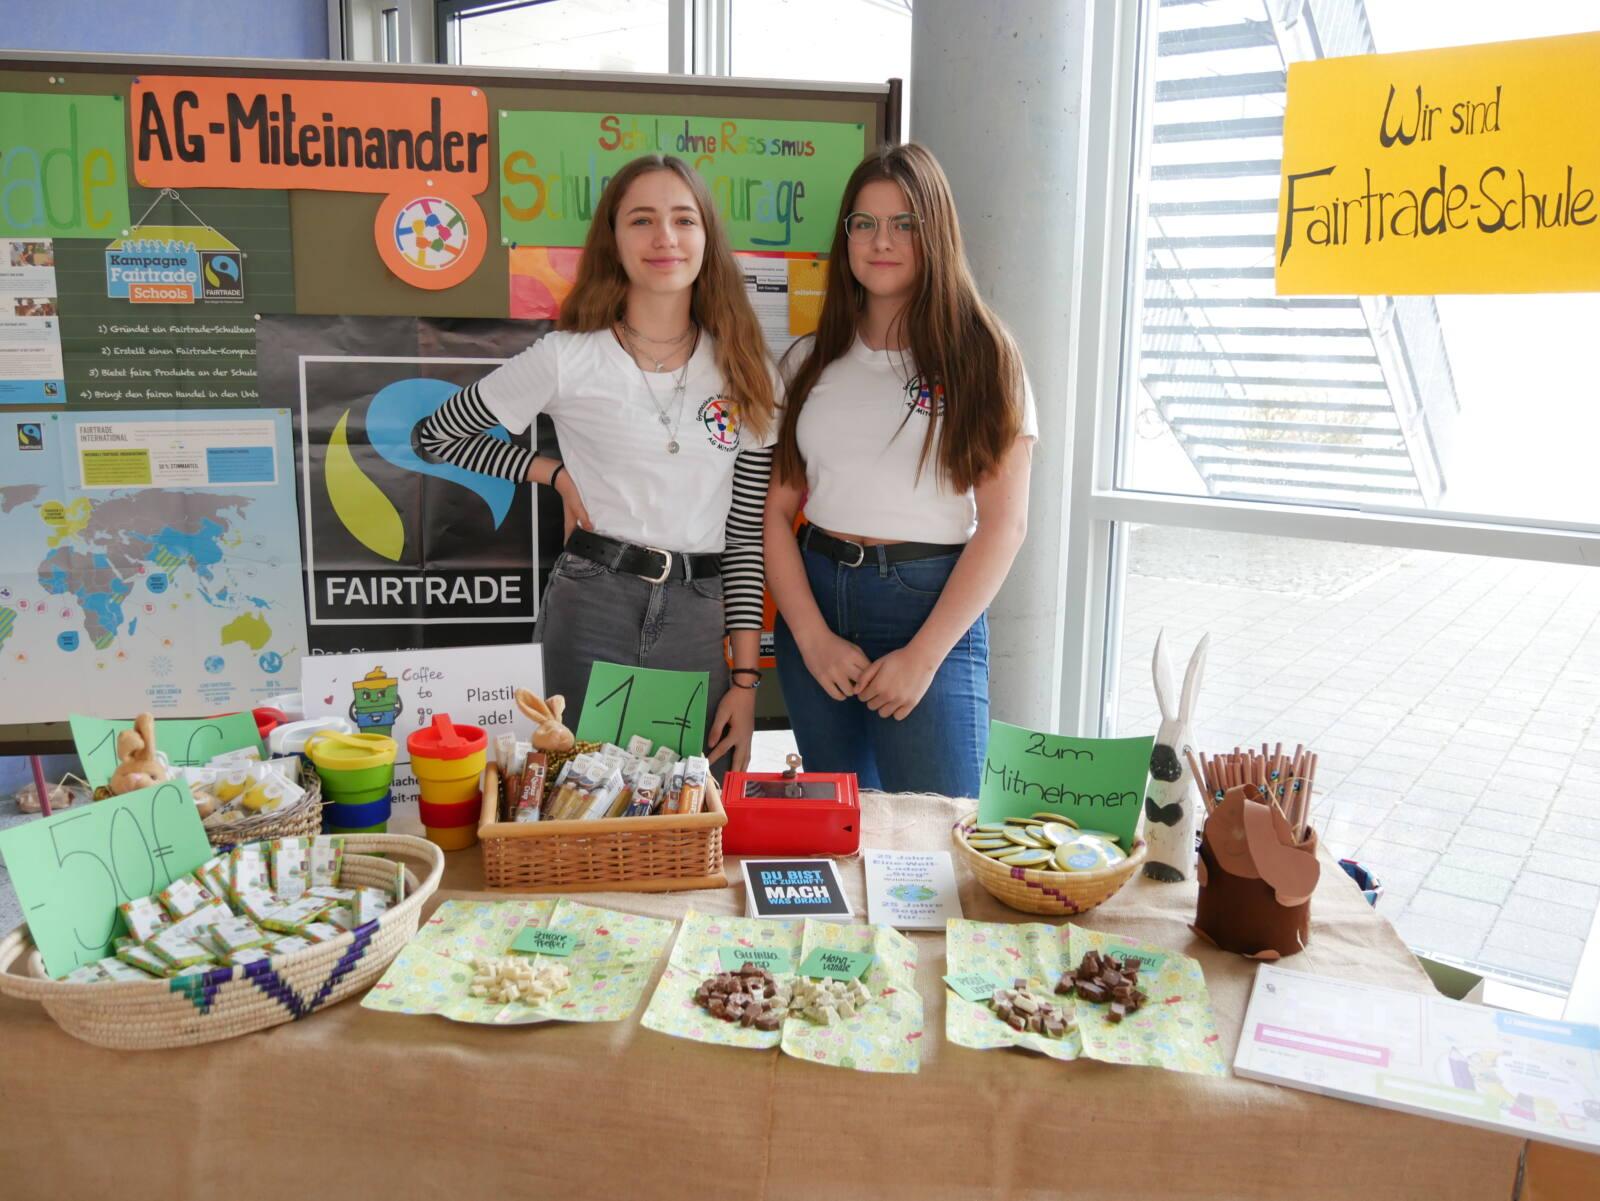 Verkauf und Verkostung fairer Produkte am Tag der offenen Tür 2019